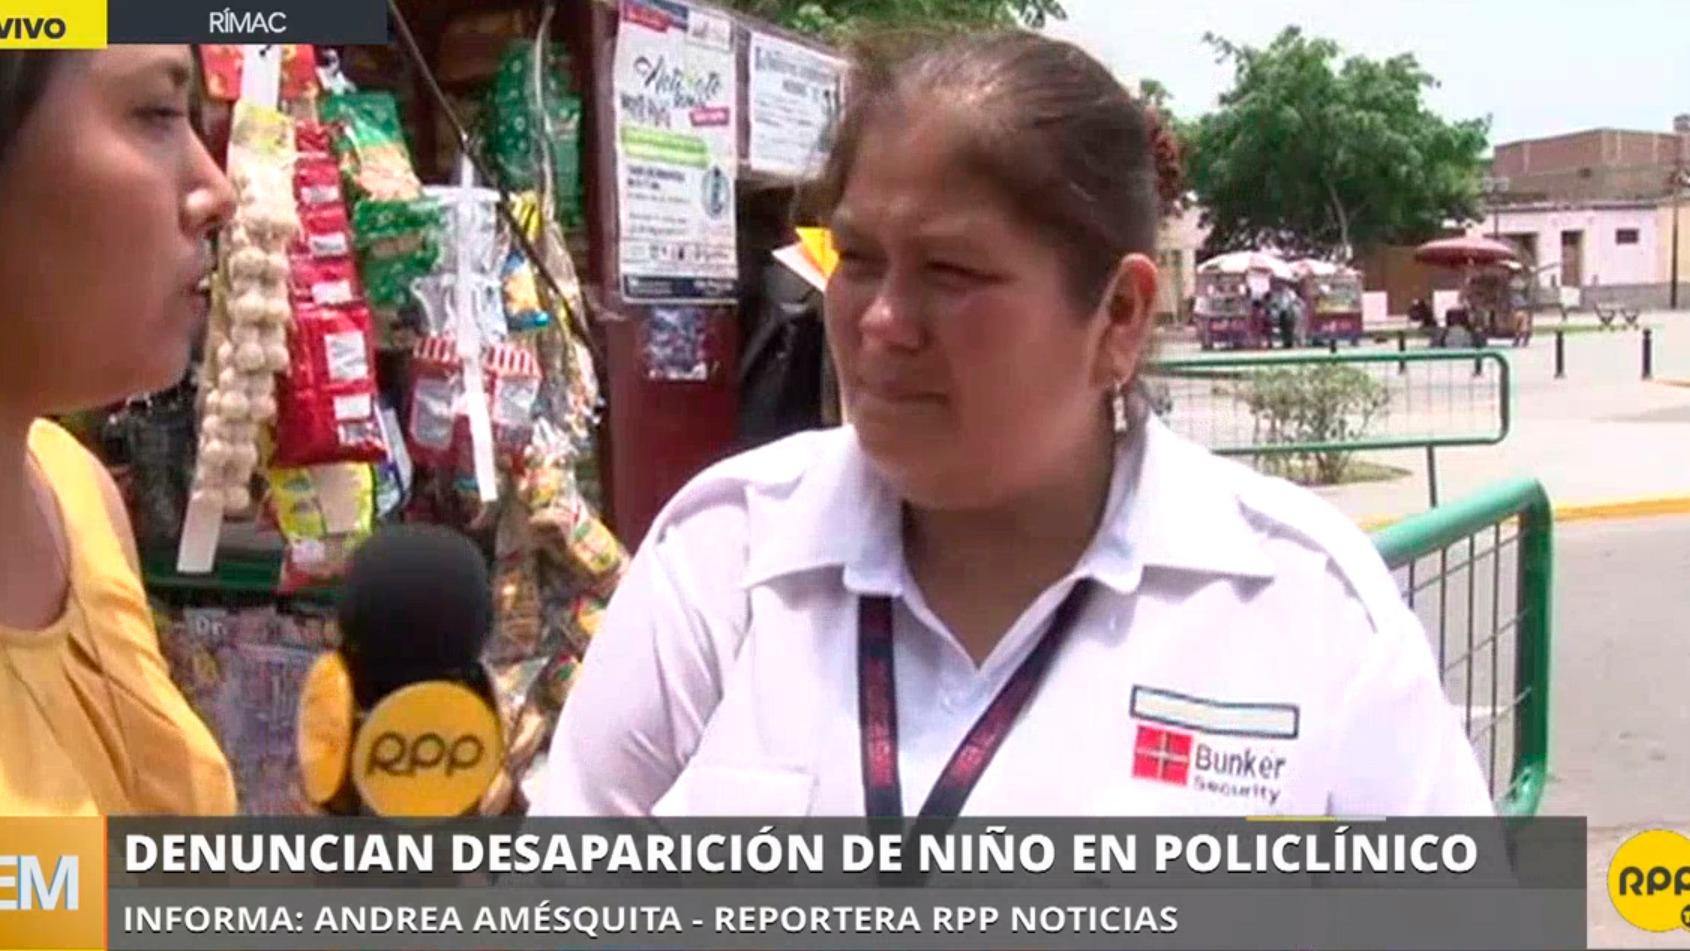 Denuncian la desaparición de un niño en policlínico